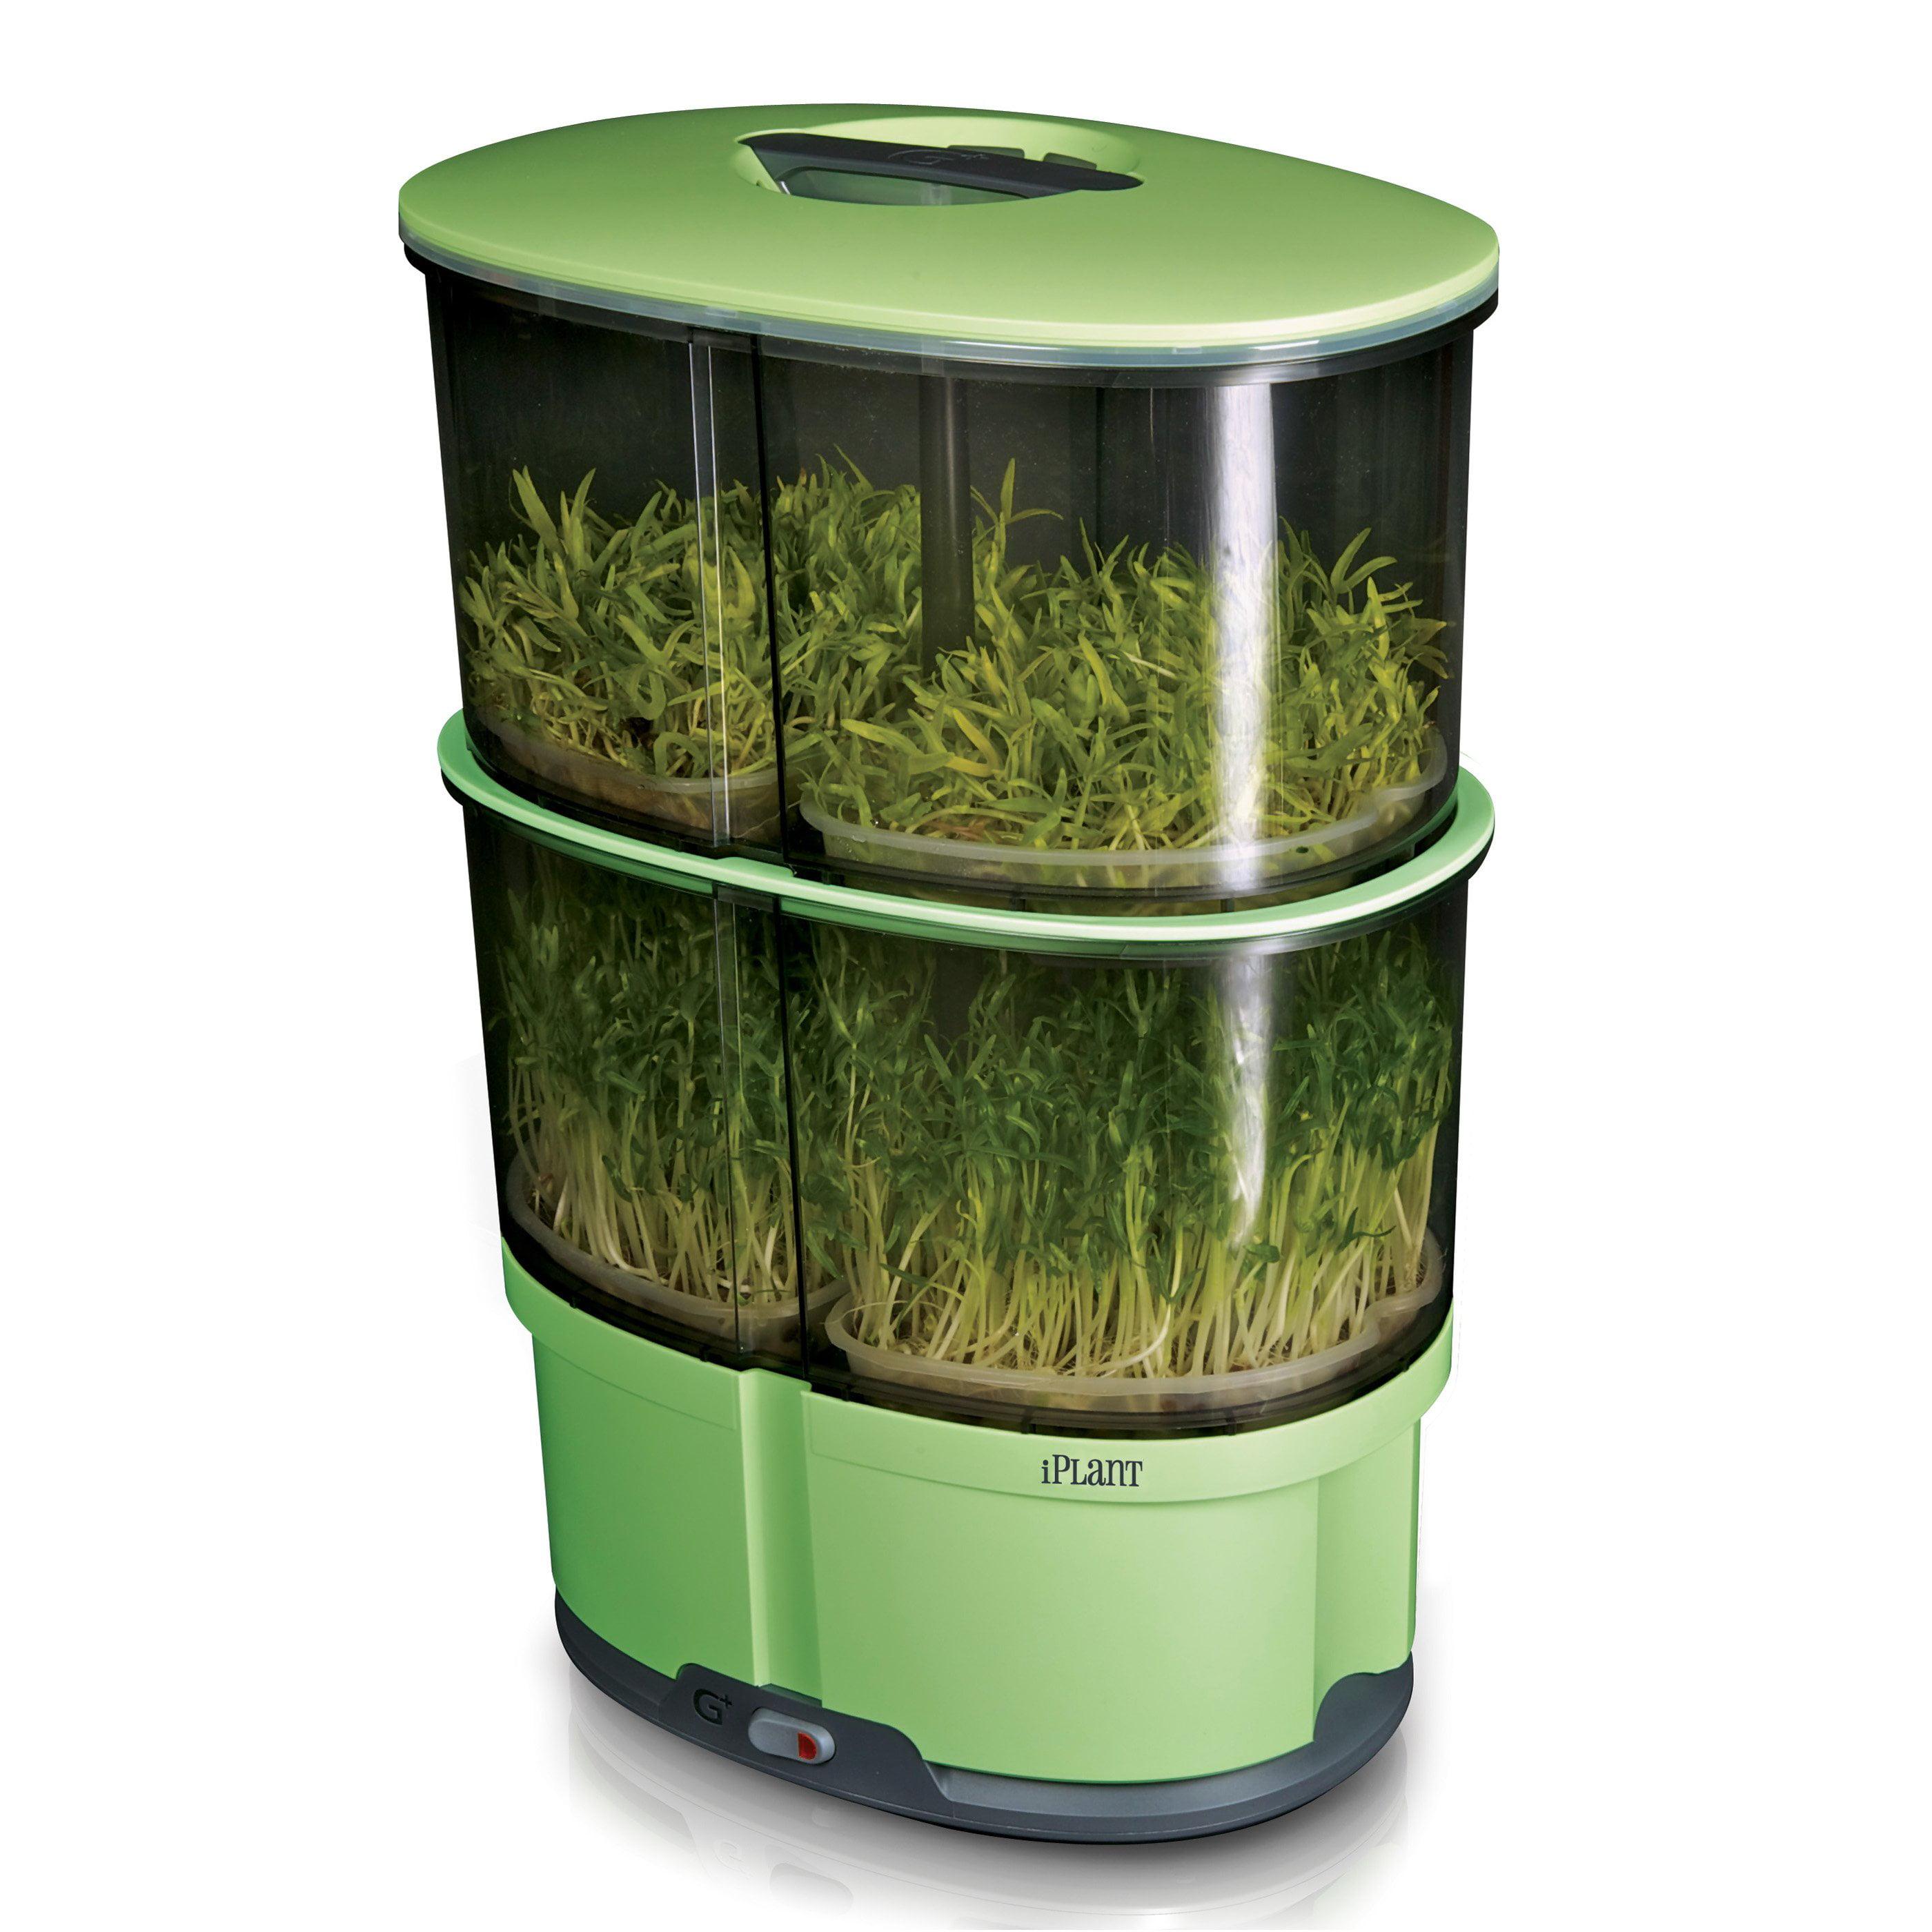 iPlant 2 Level Sprout Garden Walmartcom